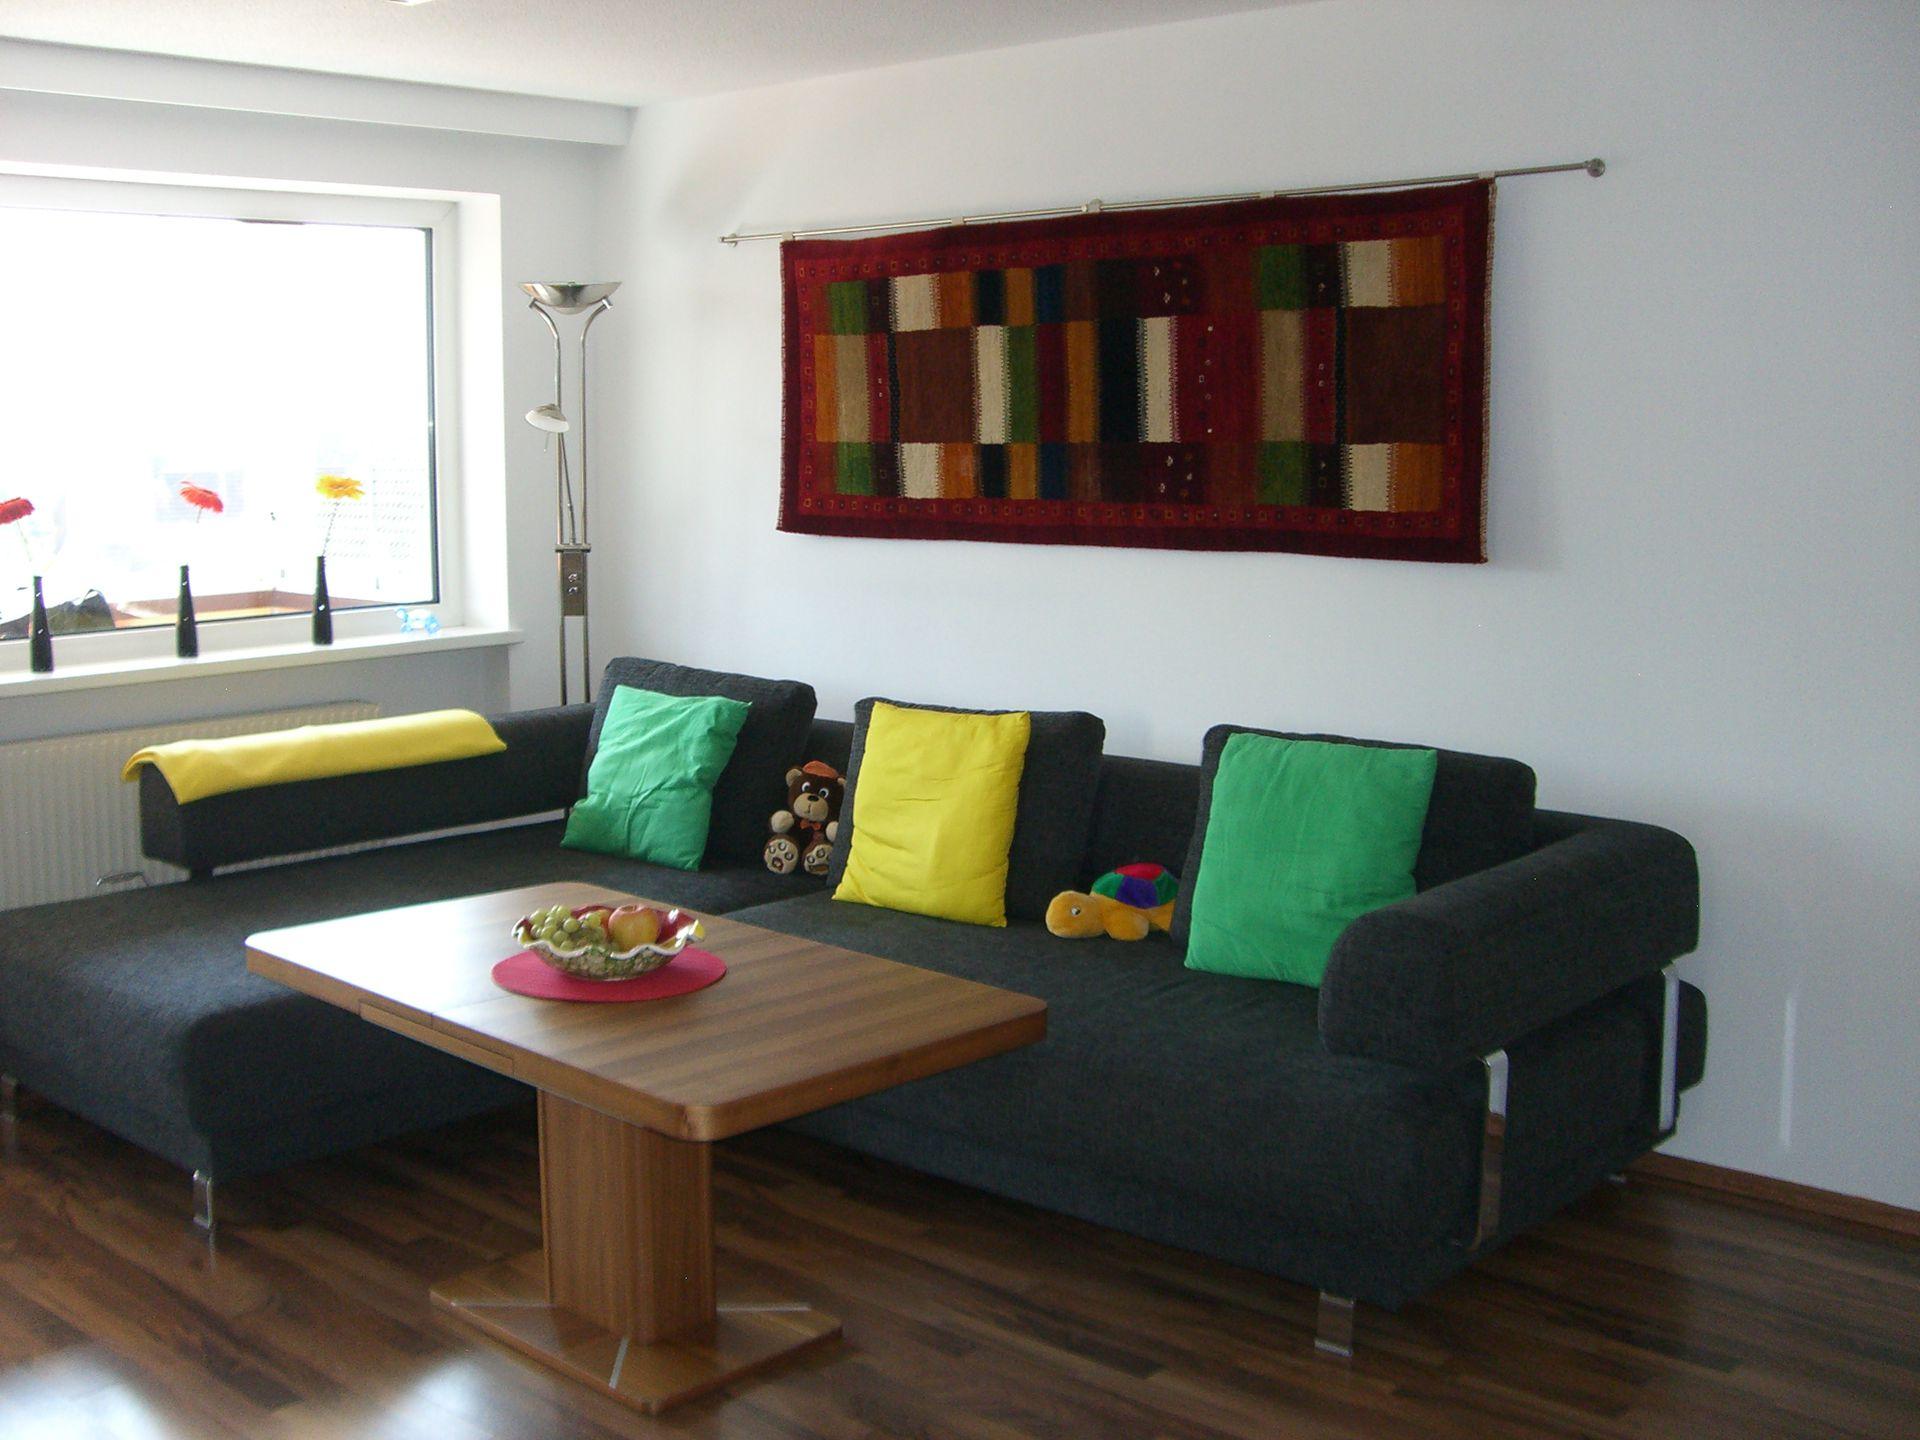 Calm, sunny, three-room apartment in beautiful Vorarlberg, Austria ...